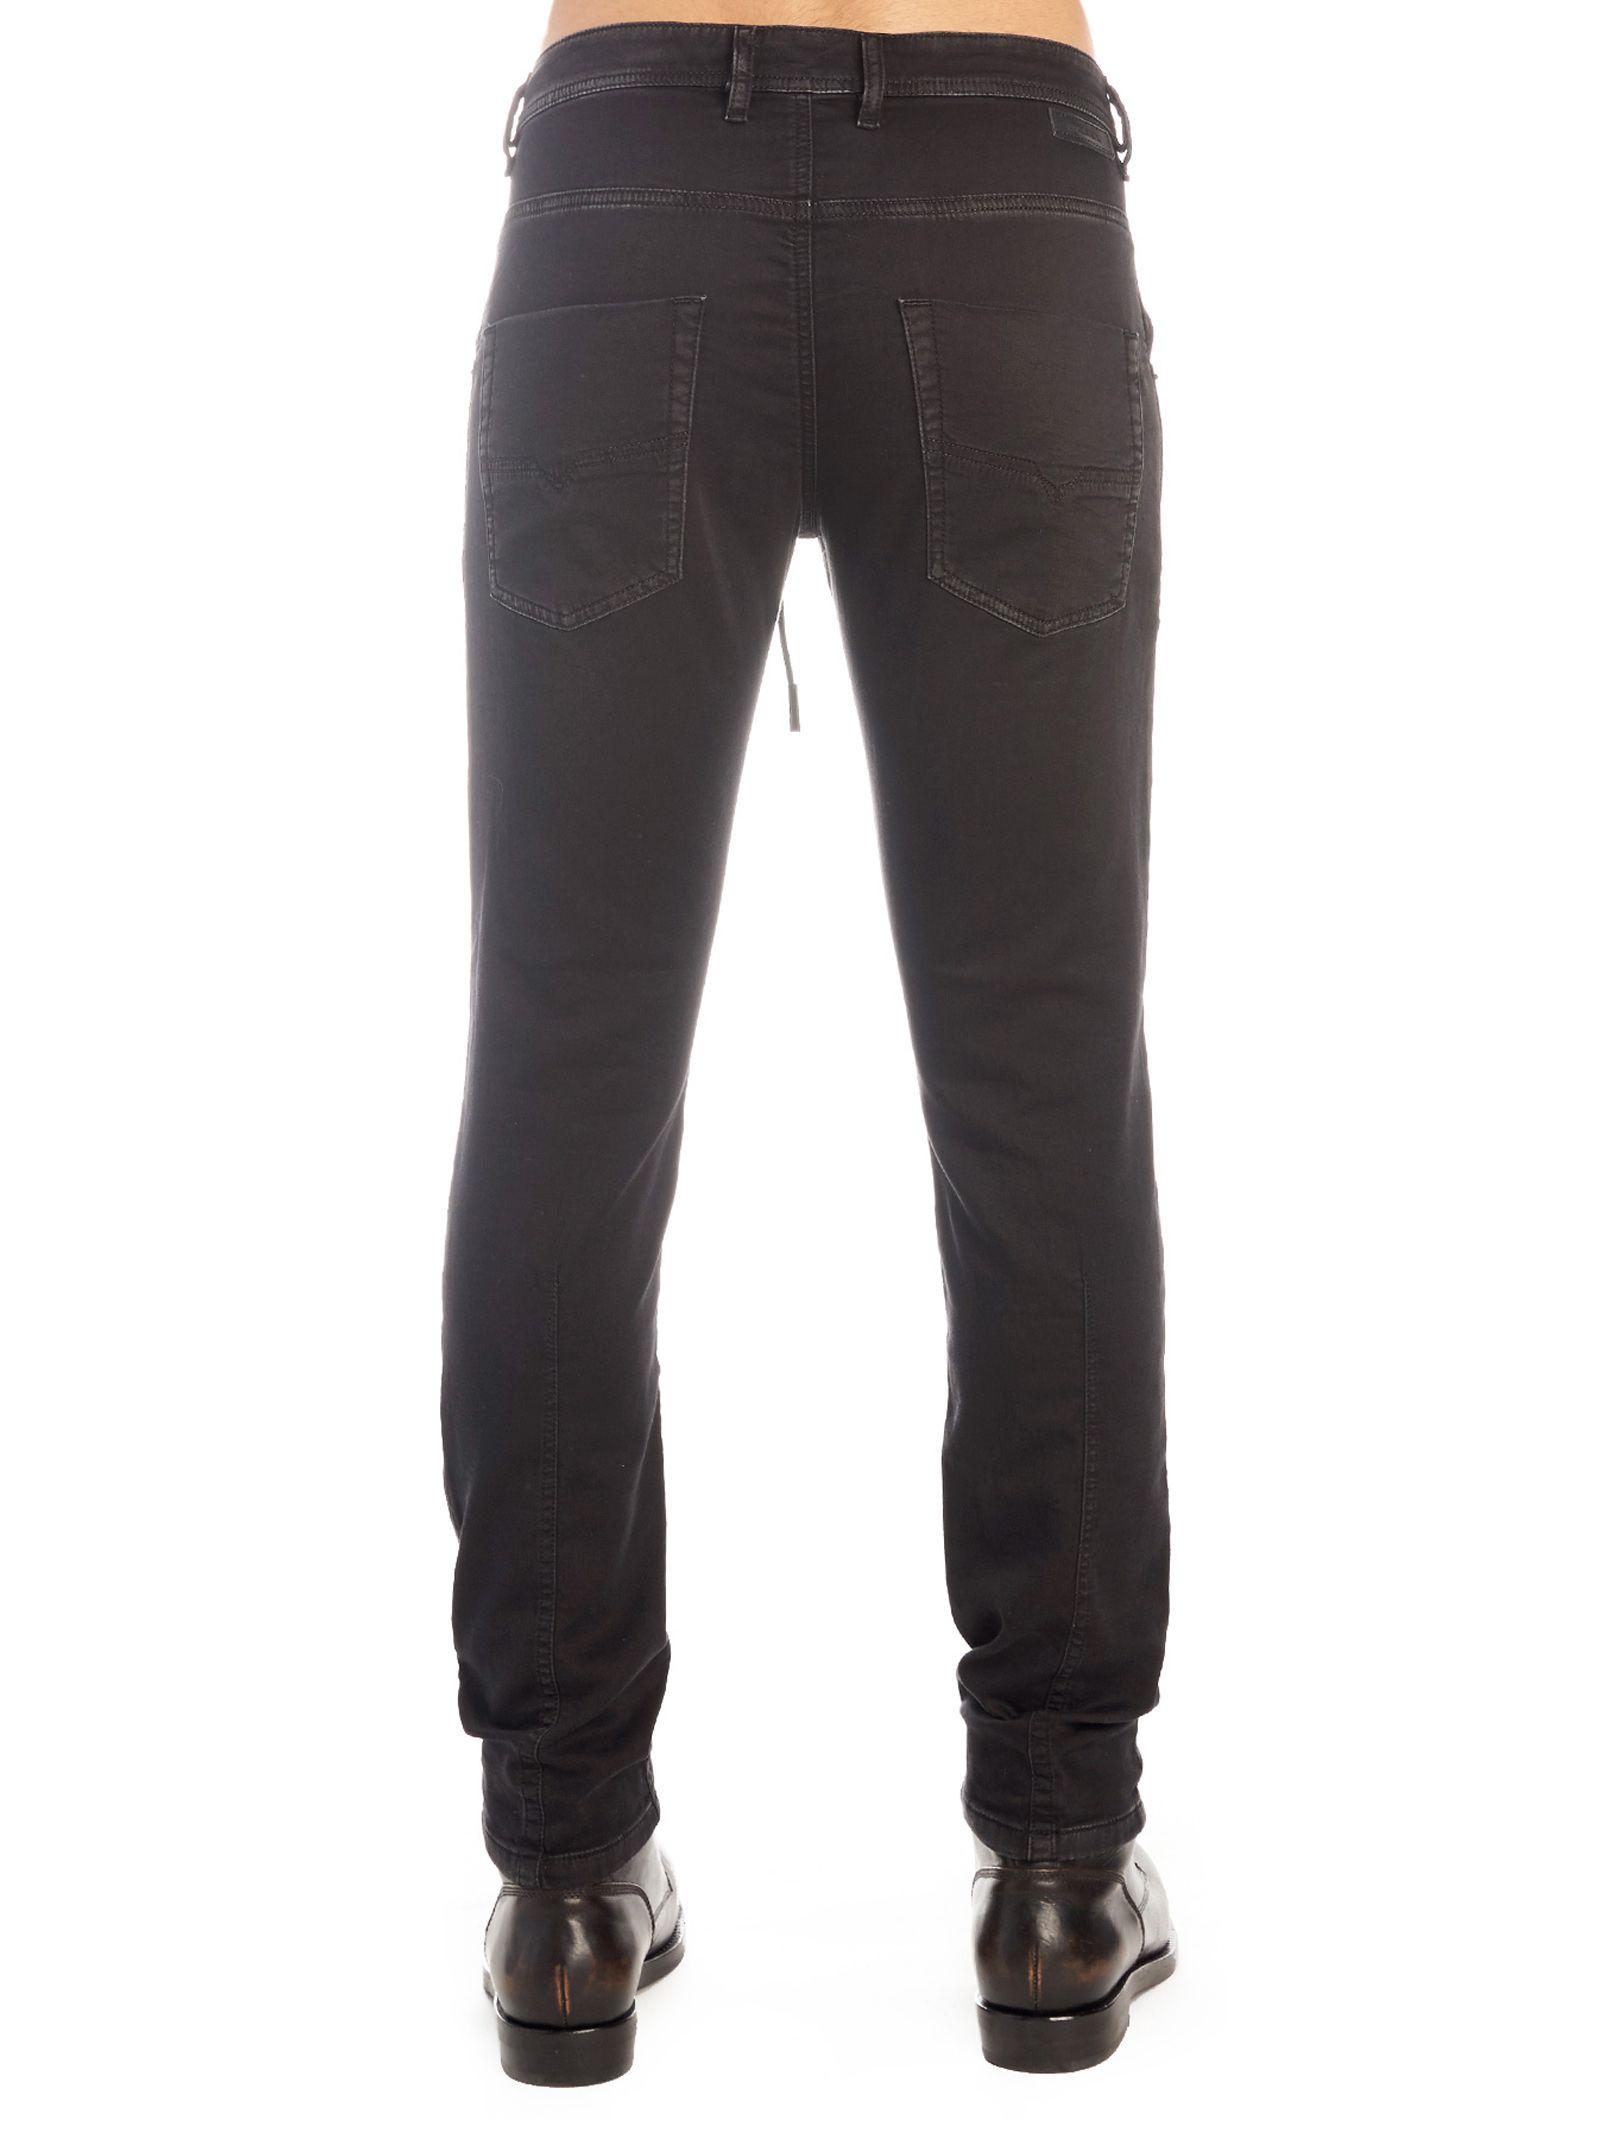 66ea61e4 Diesel Diesel 'krooley-cb' Jeans - Black - 10814454 | italist